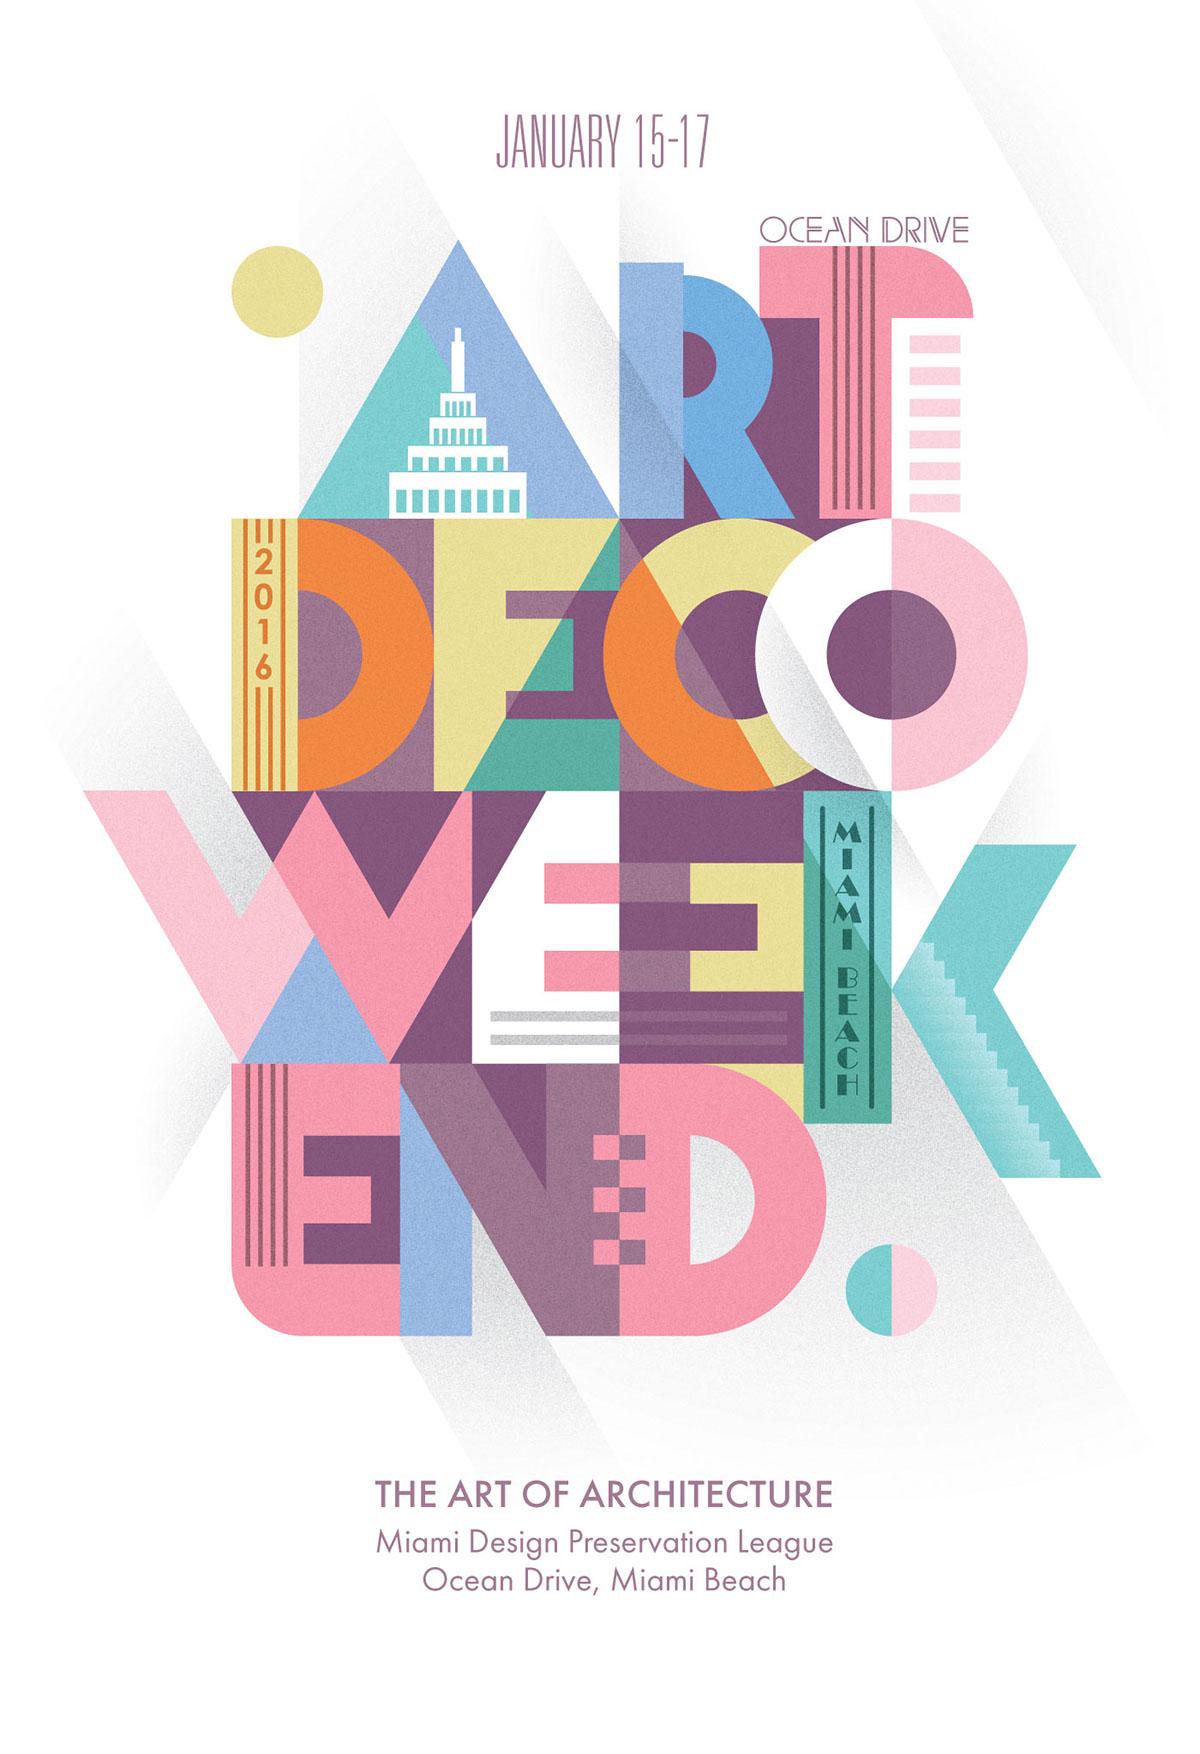 art deco artdeco Style dotz 3s weekend poster Illustrator Adobe Portfolio miami